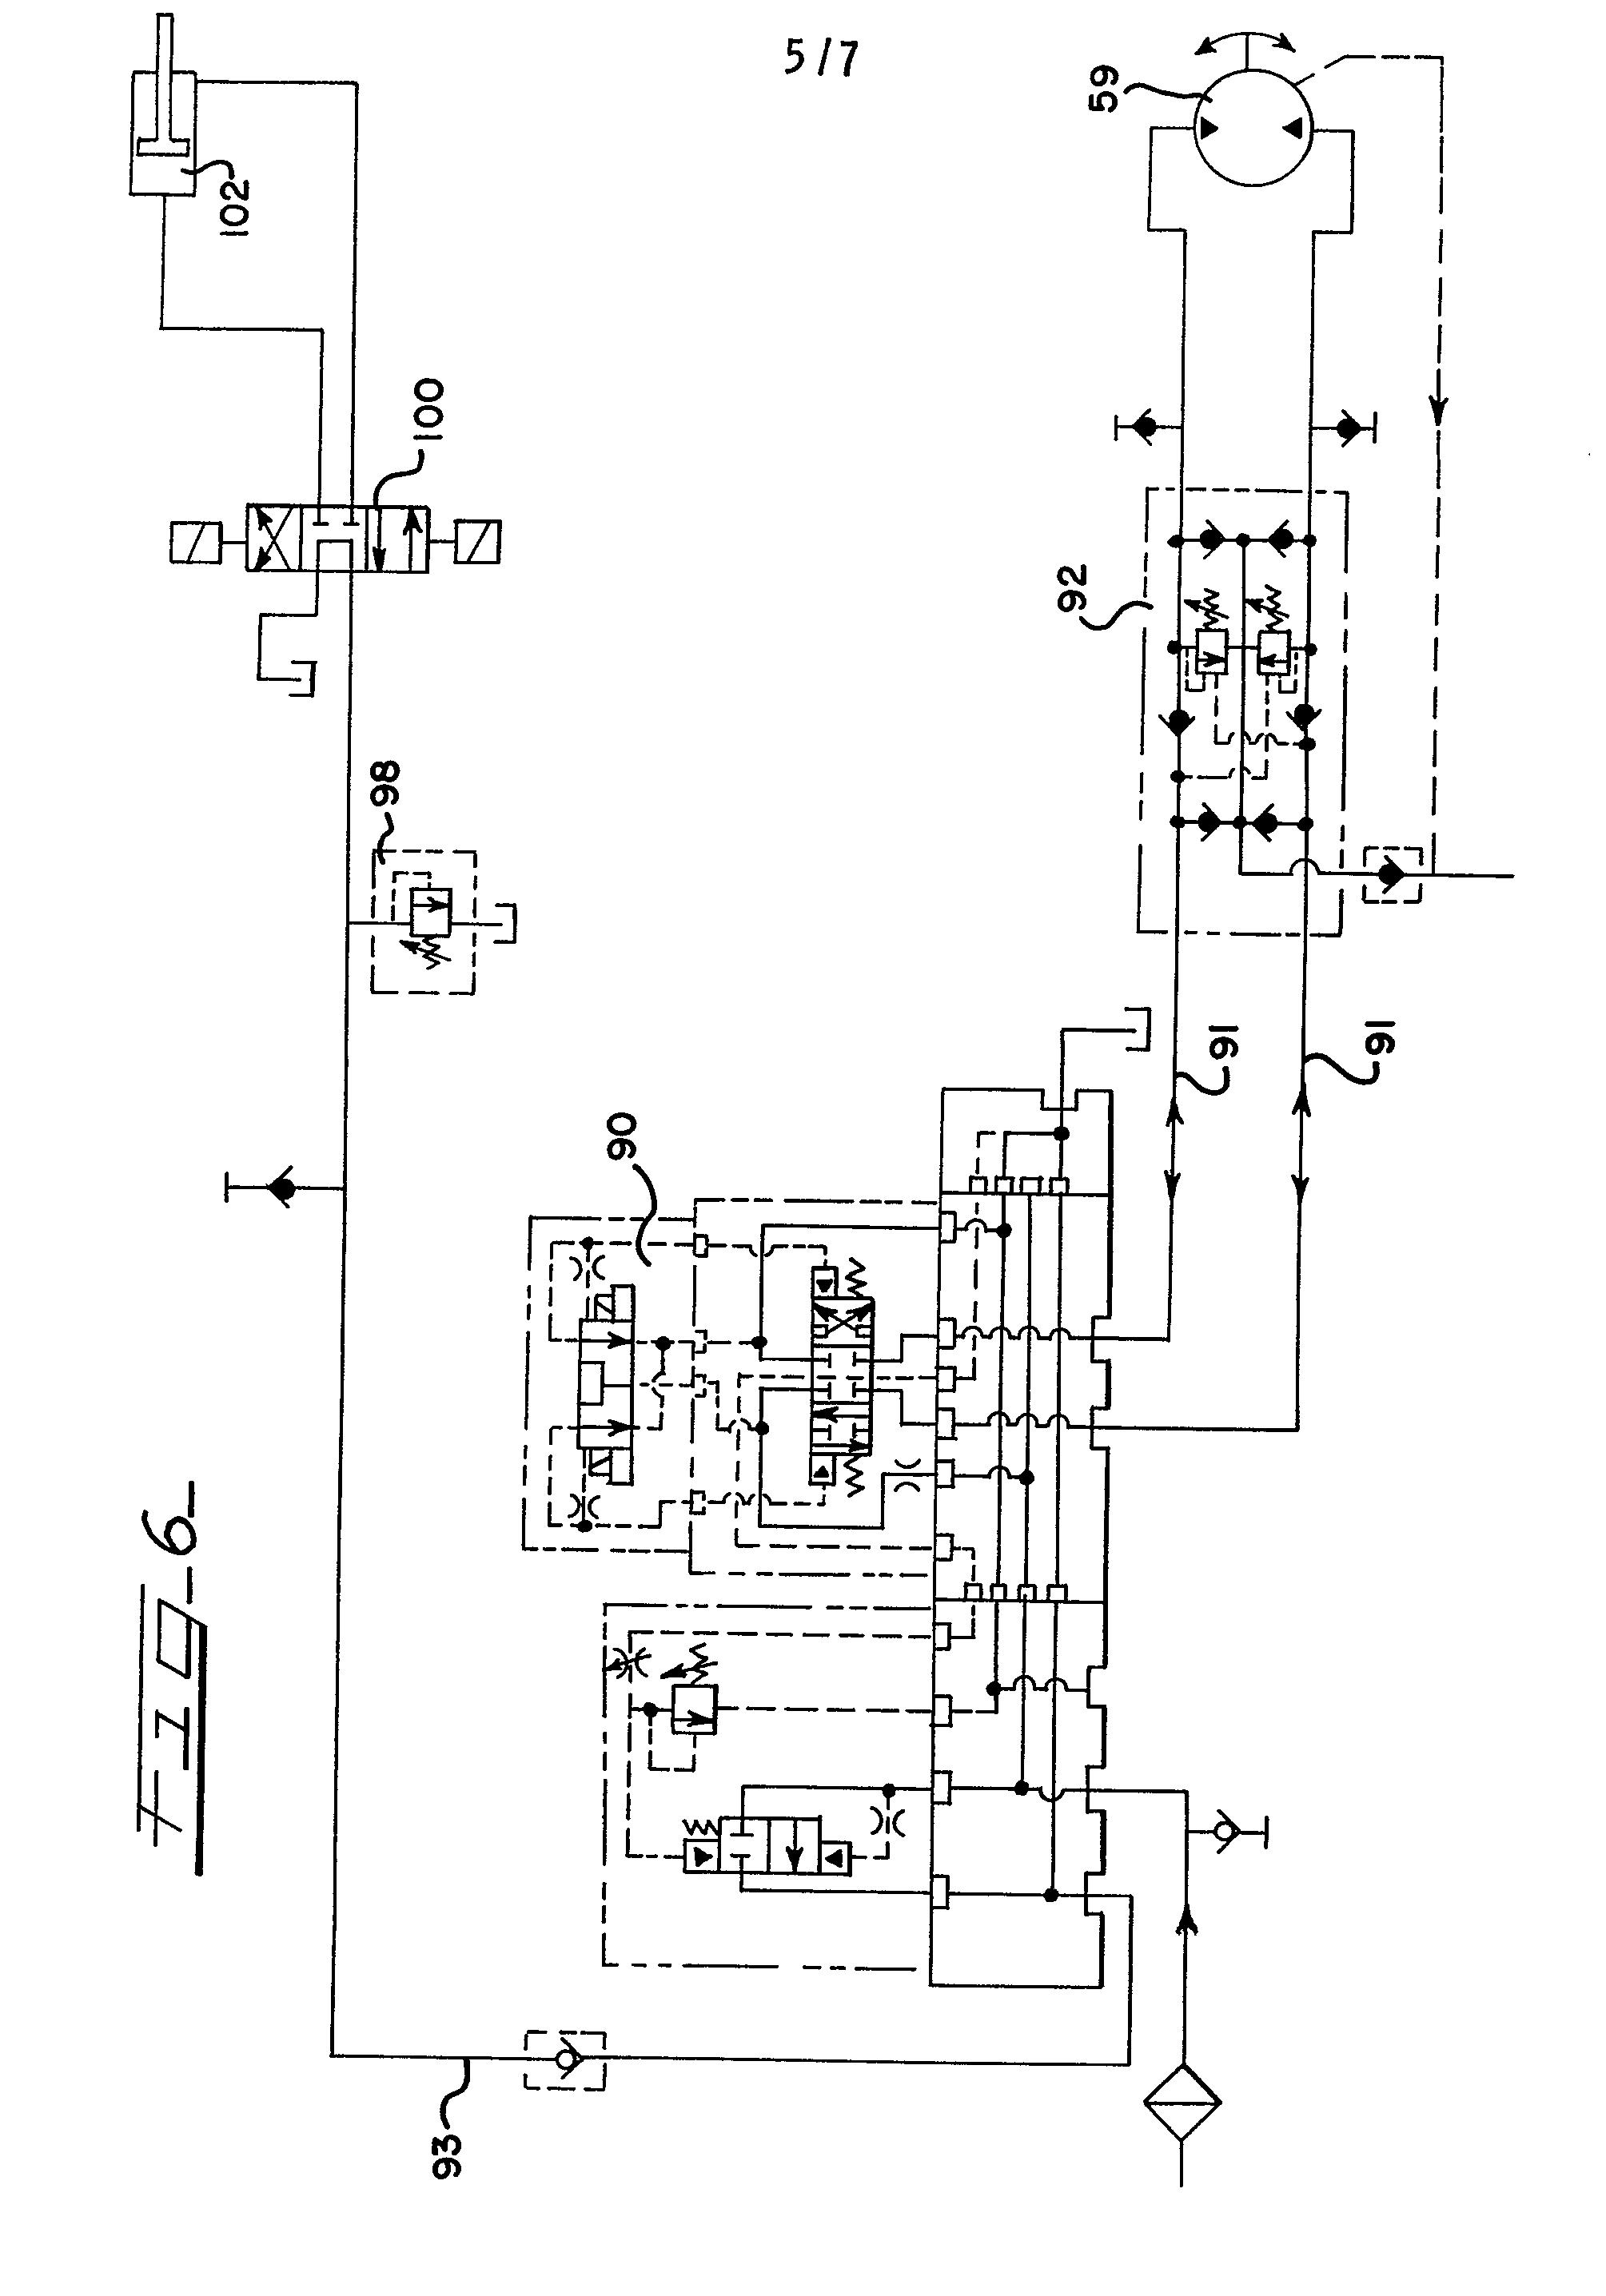 Overhead Gantry Crane Hoist Wiring Diagram. . Wiring Diagram on